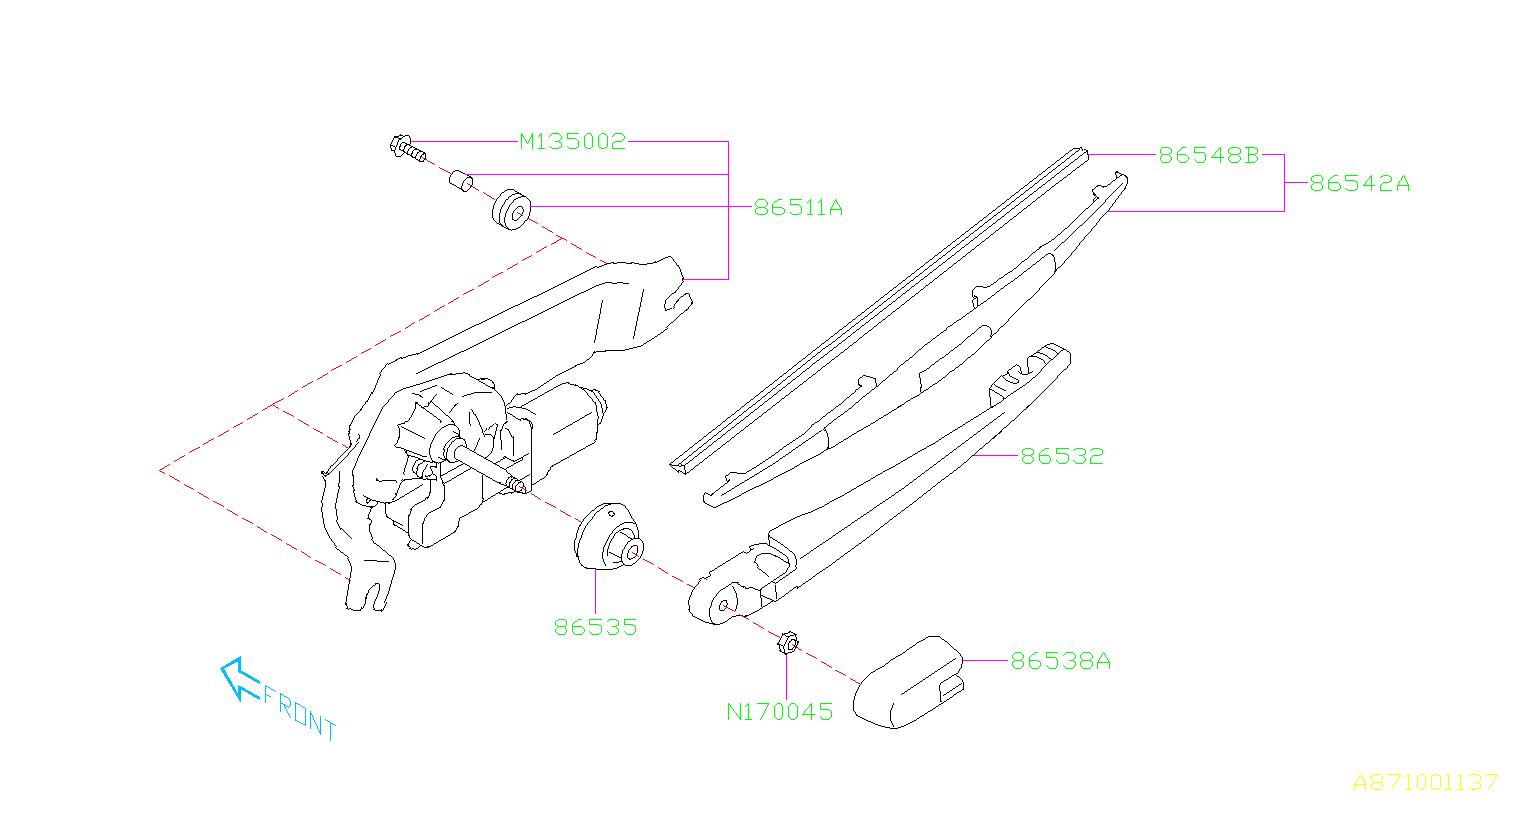 [DIAGRAM] Subaru Forester Wipers Electrical Diagram FULL